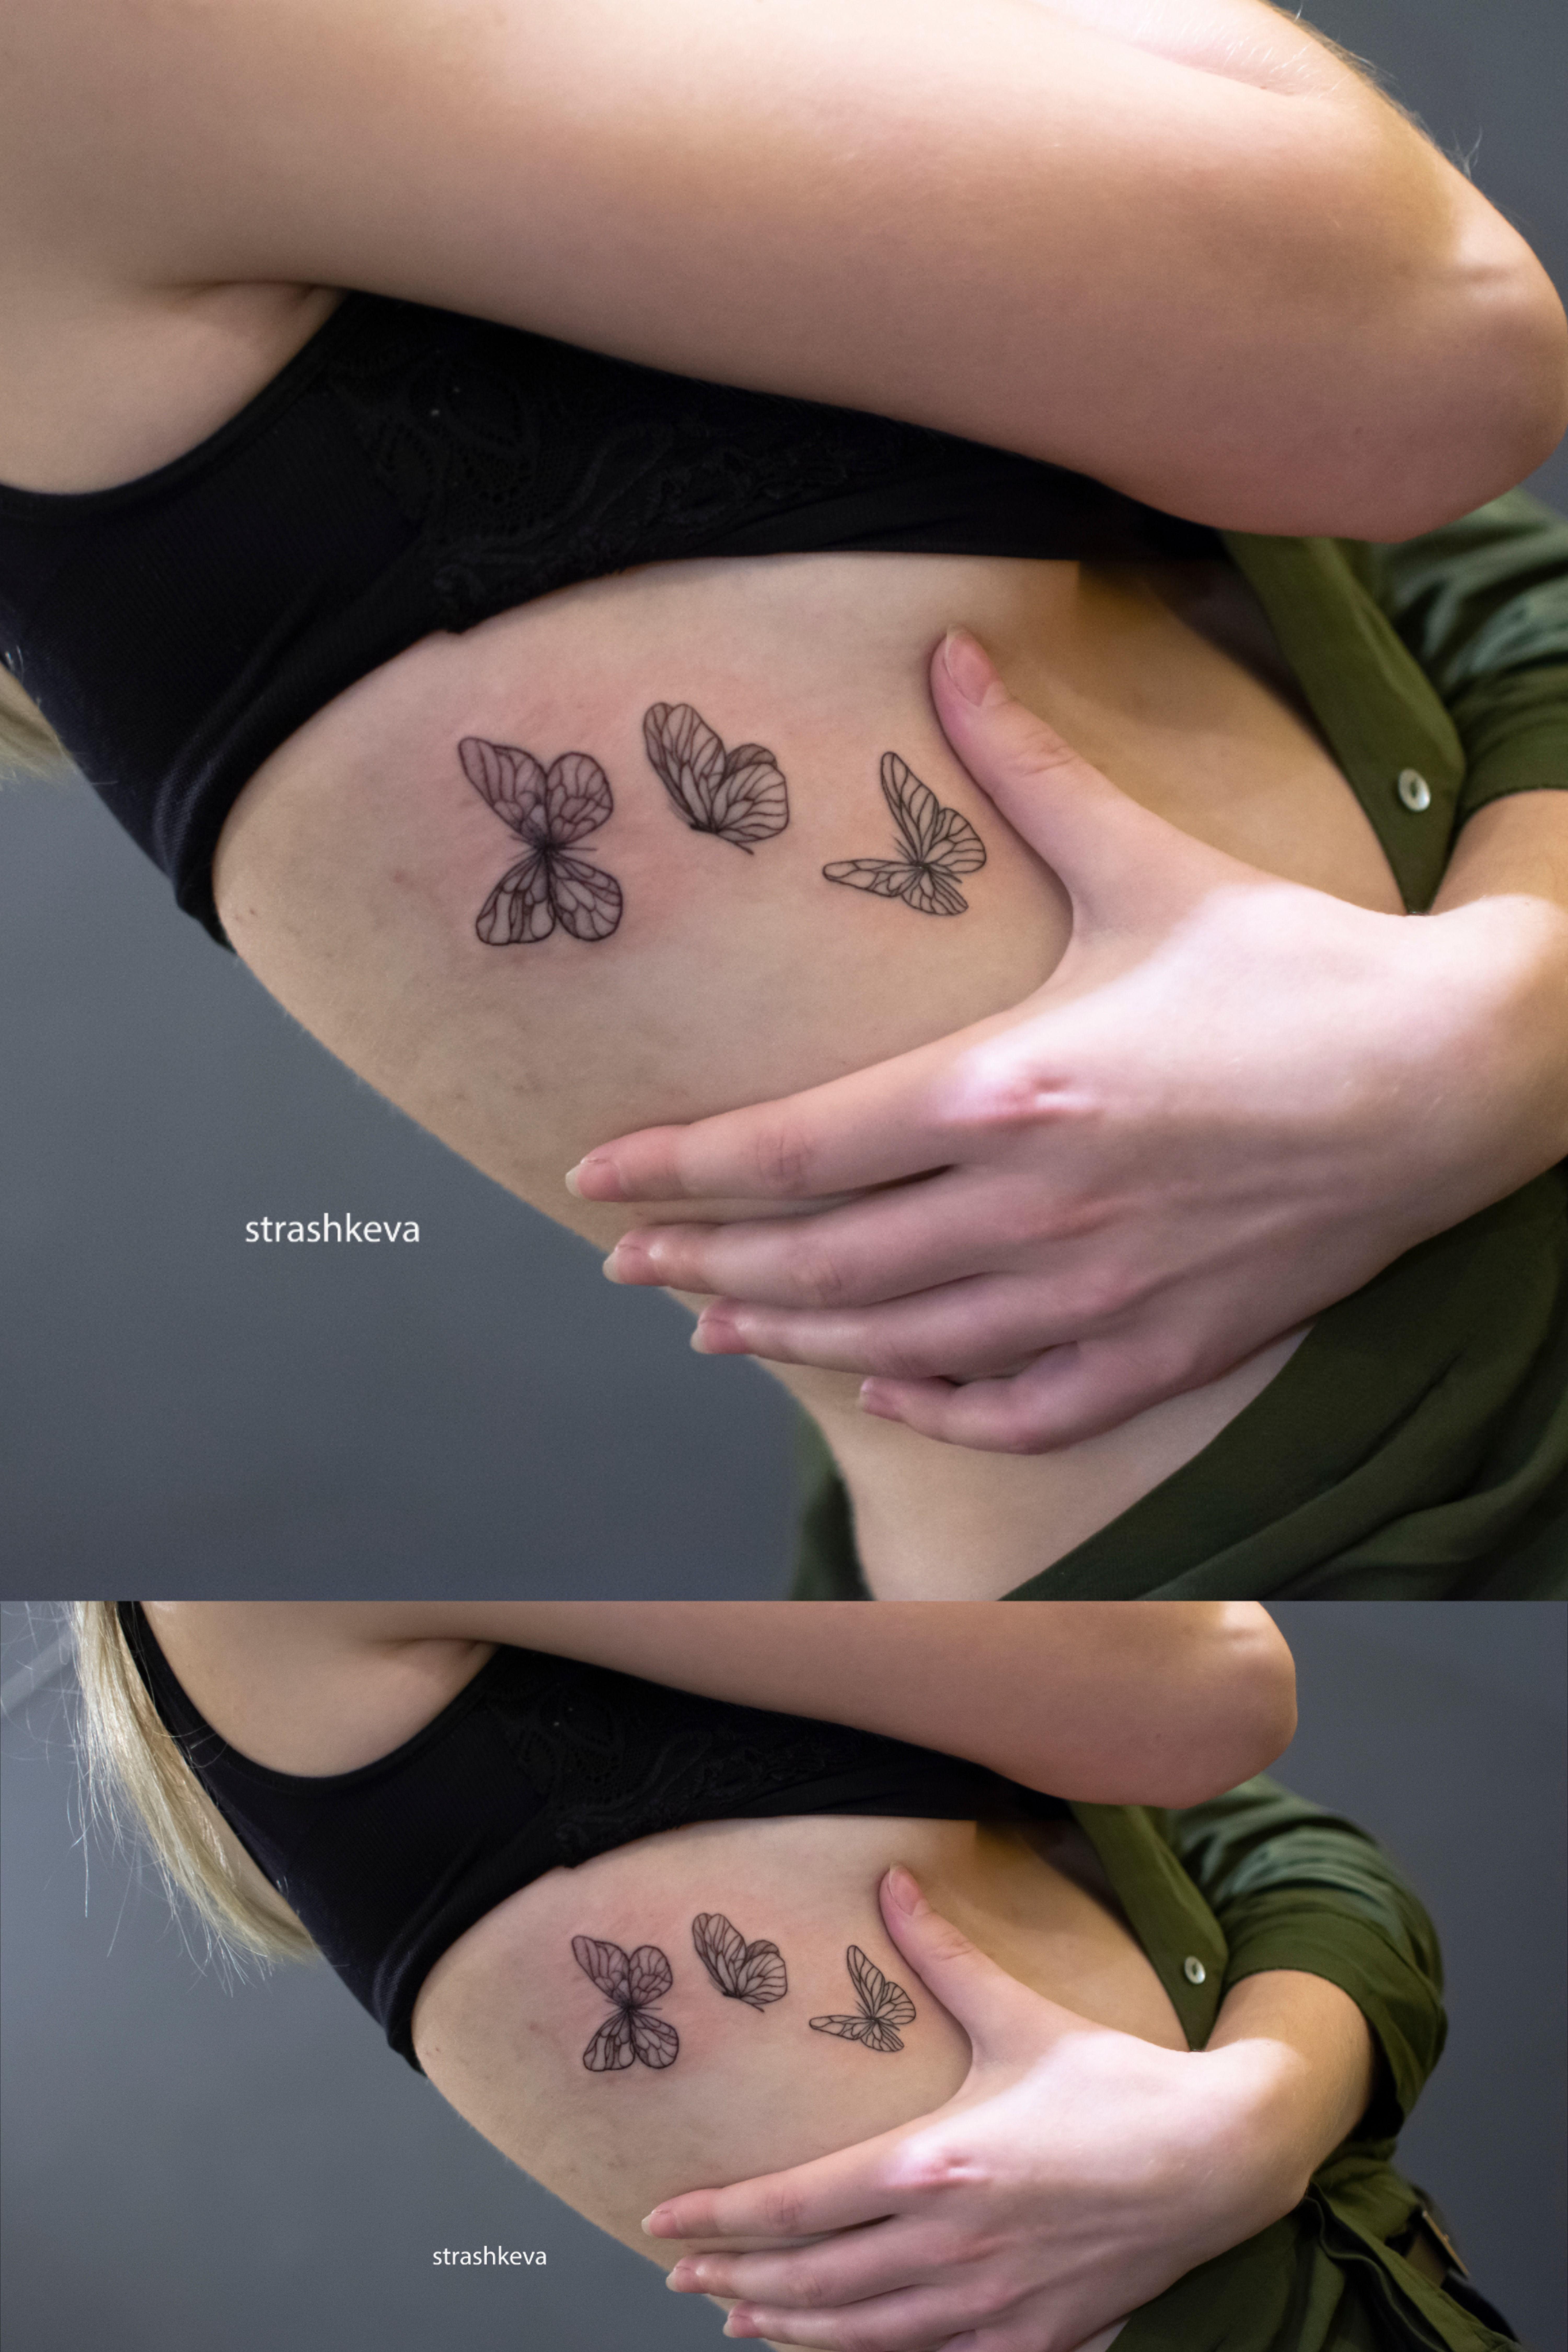 Kobiecy Tatuaz Motyli Wykonany Strashkeva Tattoo Matching Tattoos Paw Print Tattoo Print Tattoos